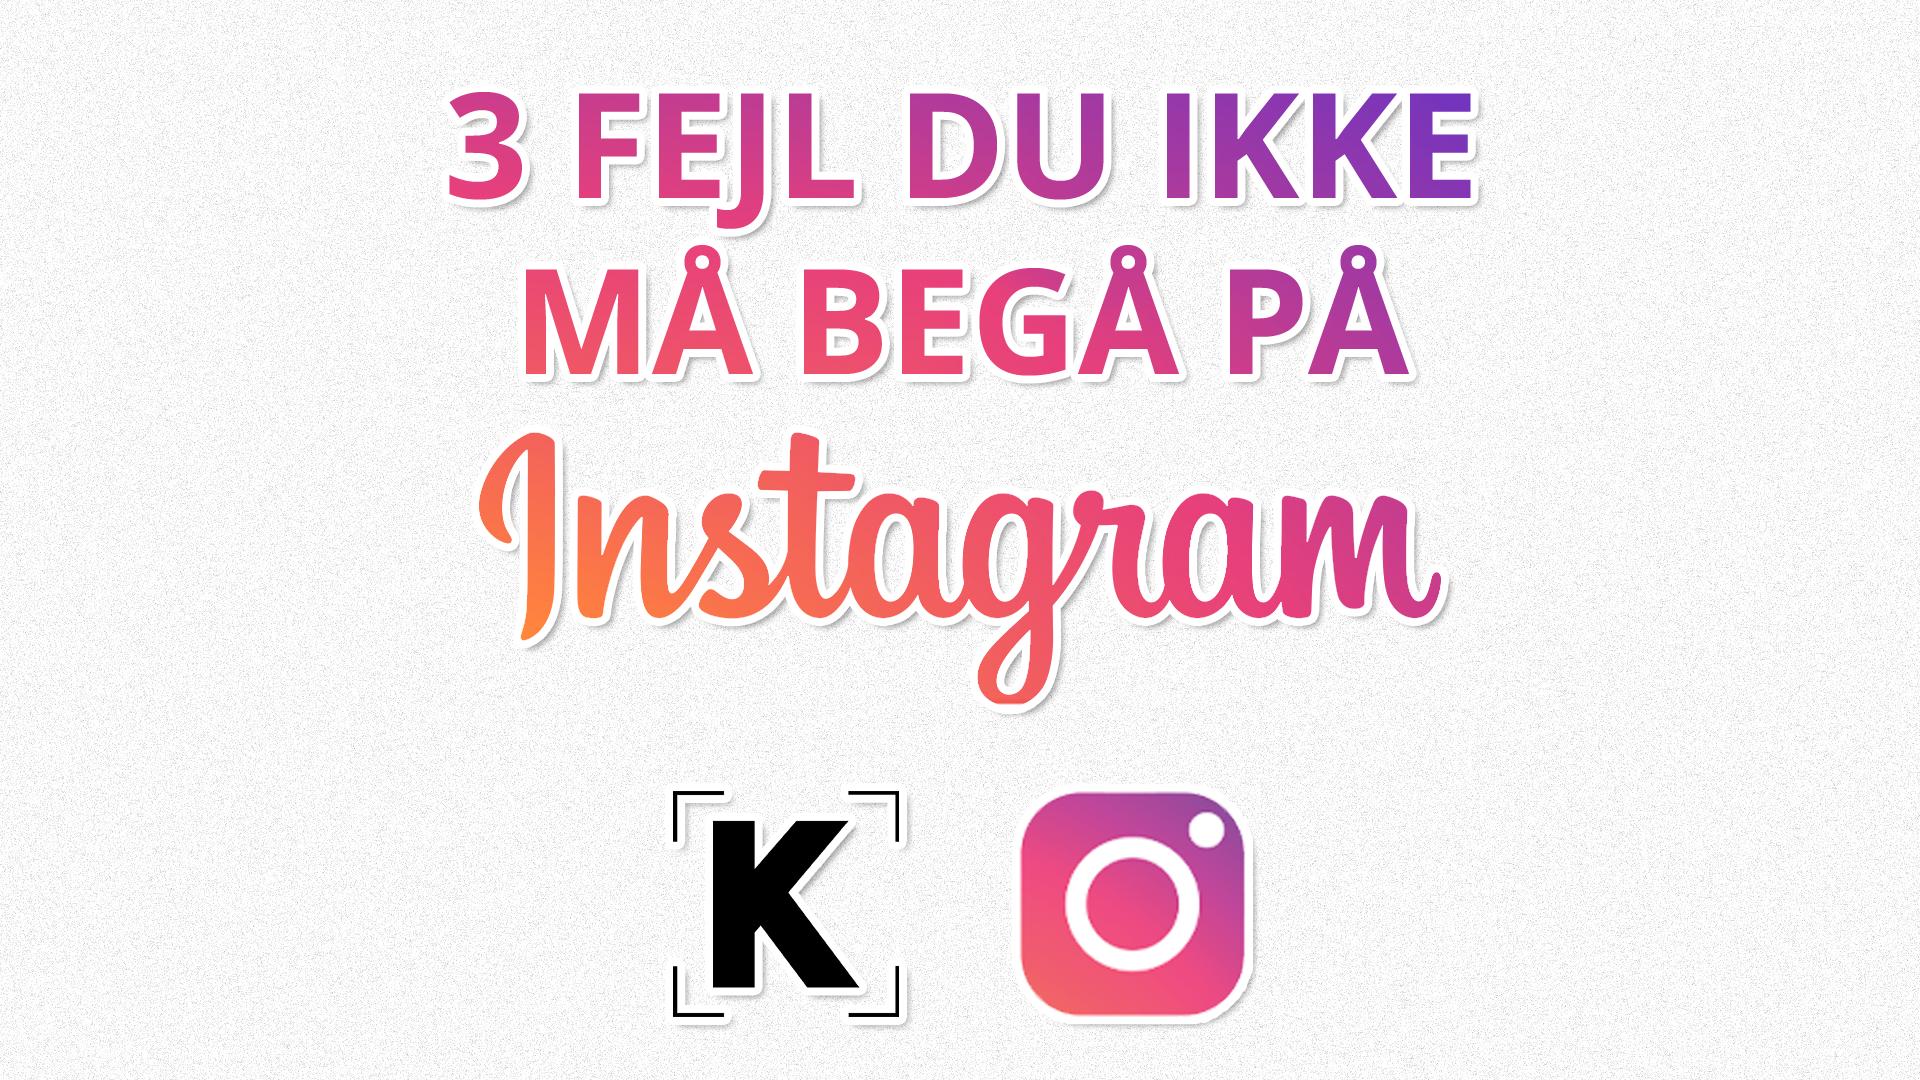 3 fejl du ikke må begå på Instagram